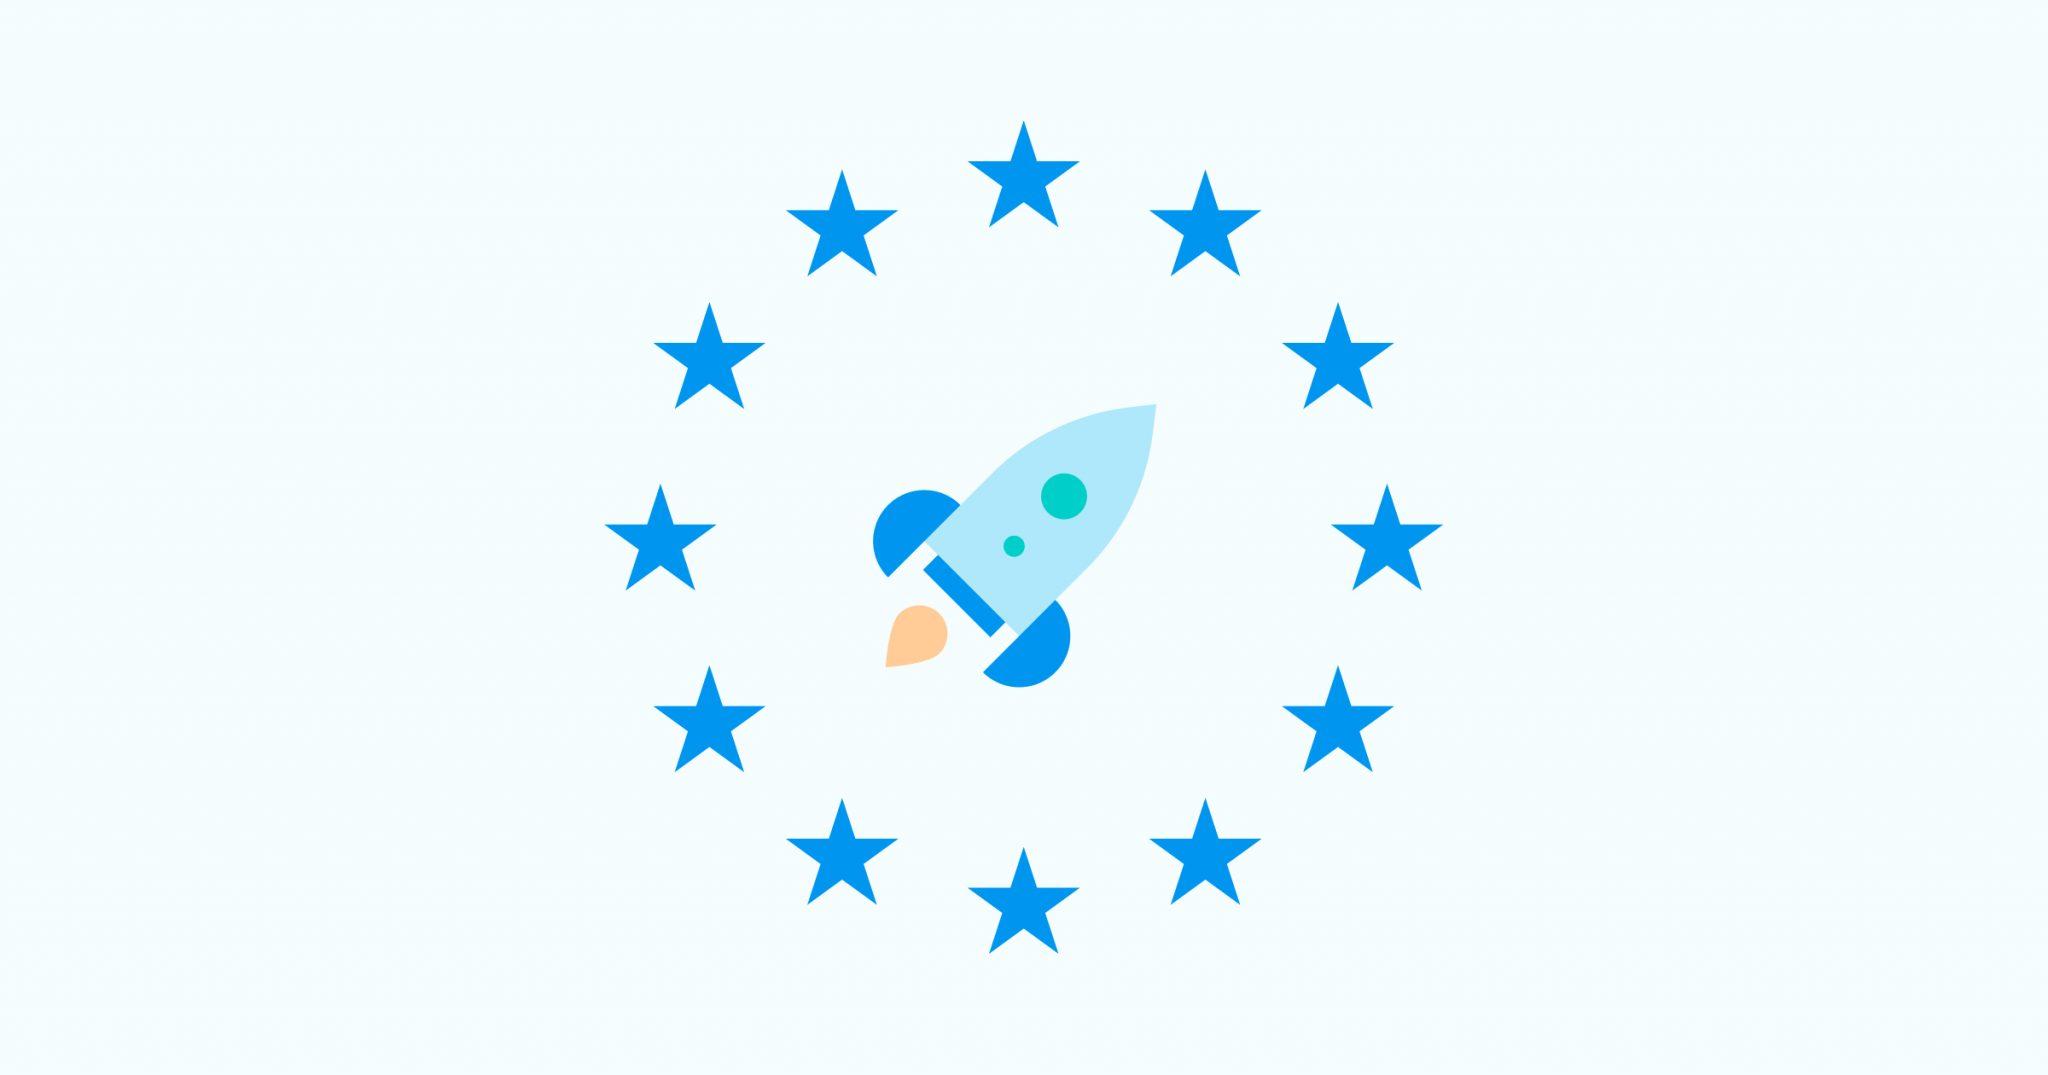 Как повлияла пандемия на финтех в ЕС: сравниваем выданные лицензии для платежного учреждения и электронных денег